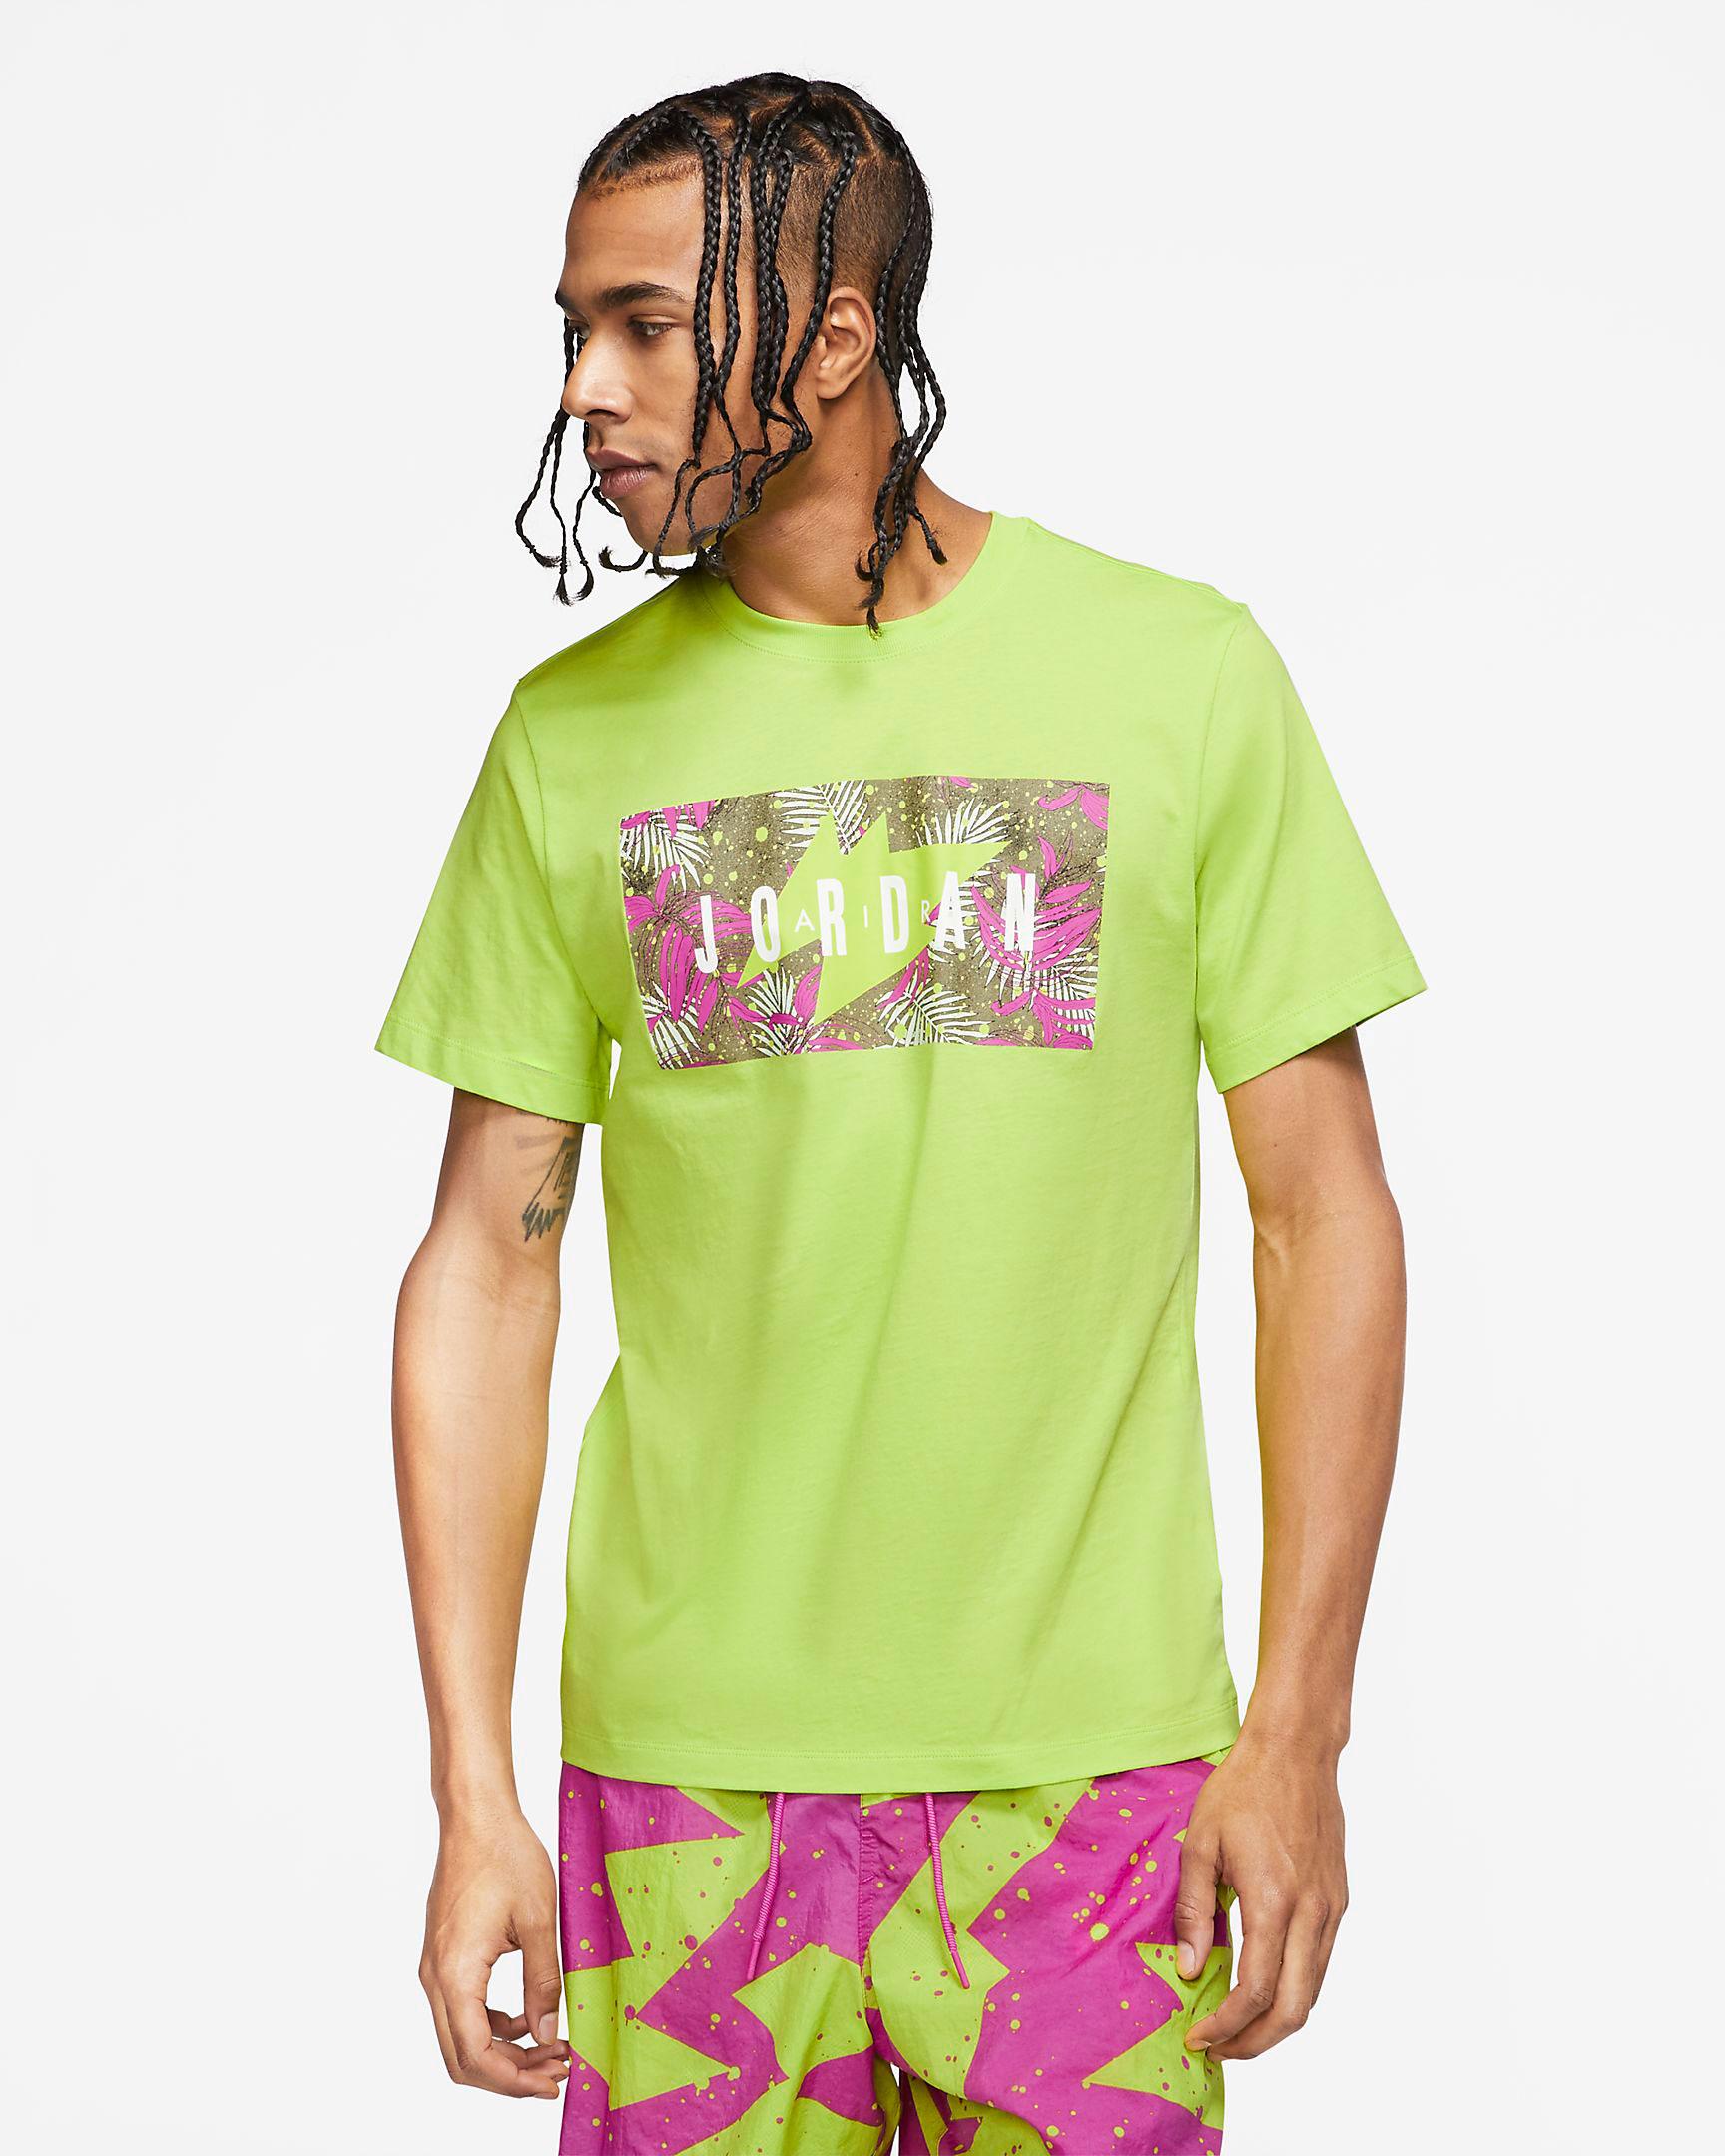 air-jordan-5-ghost-green-alternate-bel-air-shirt-2